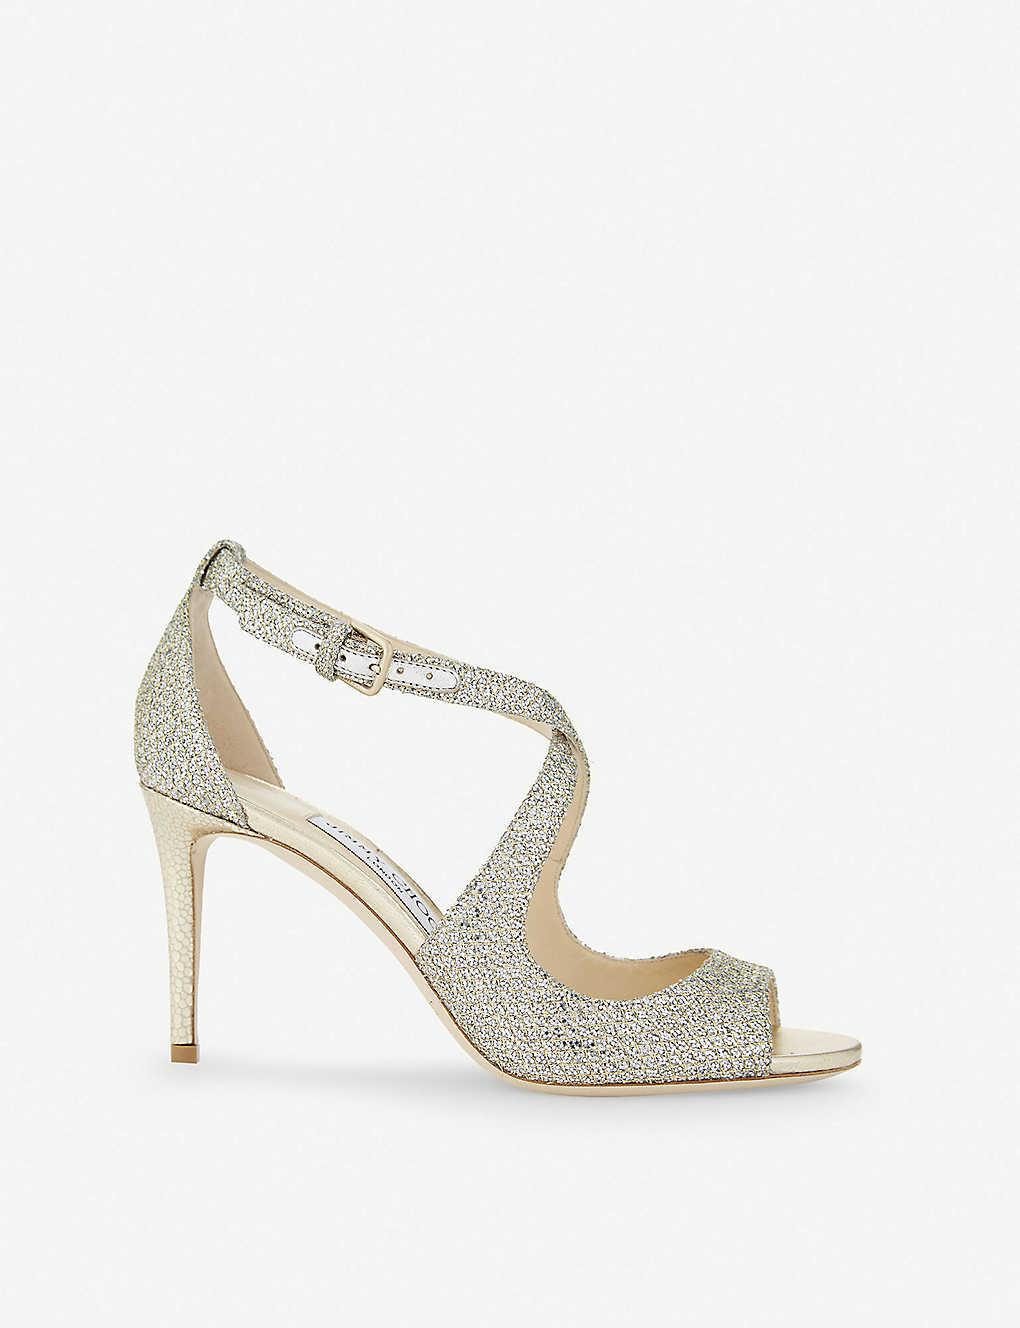 JIMMY CHOO - Emily 85 champagne glitter heeled sandals  a3ed1a893c17